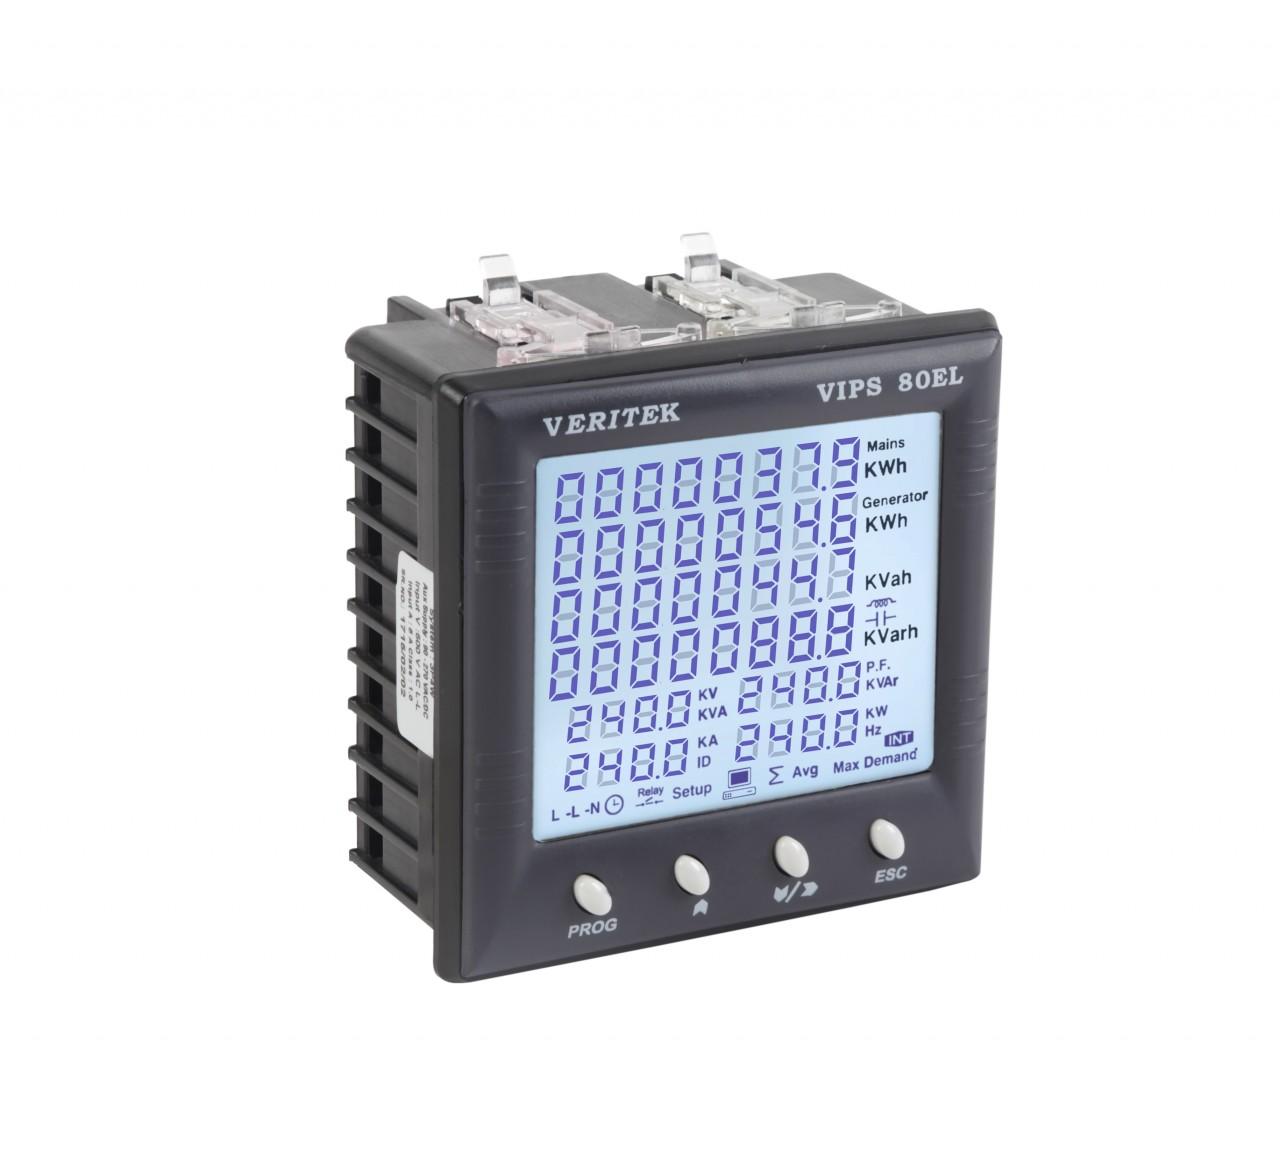 Đồng hồ đo đa chức năng VIPS80EL